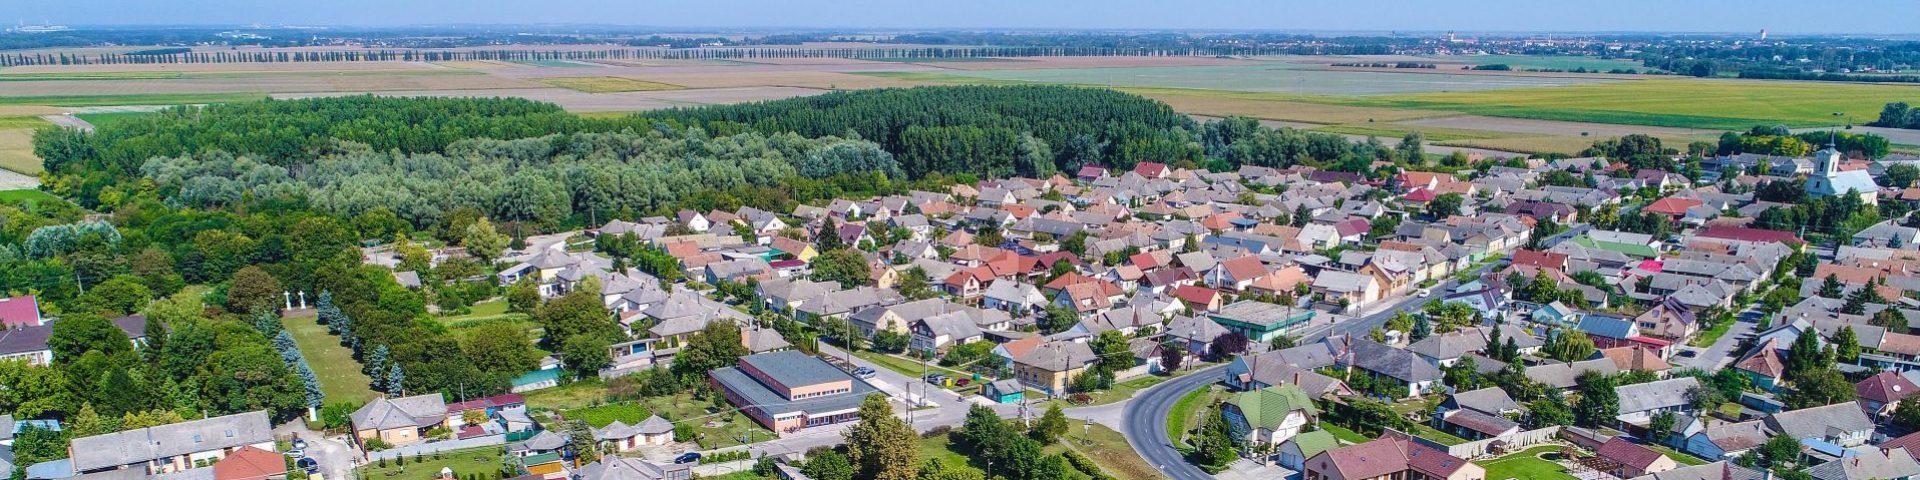 Bátya község hivatalos honlapja